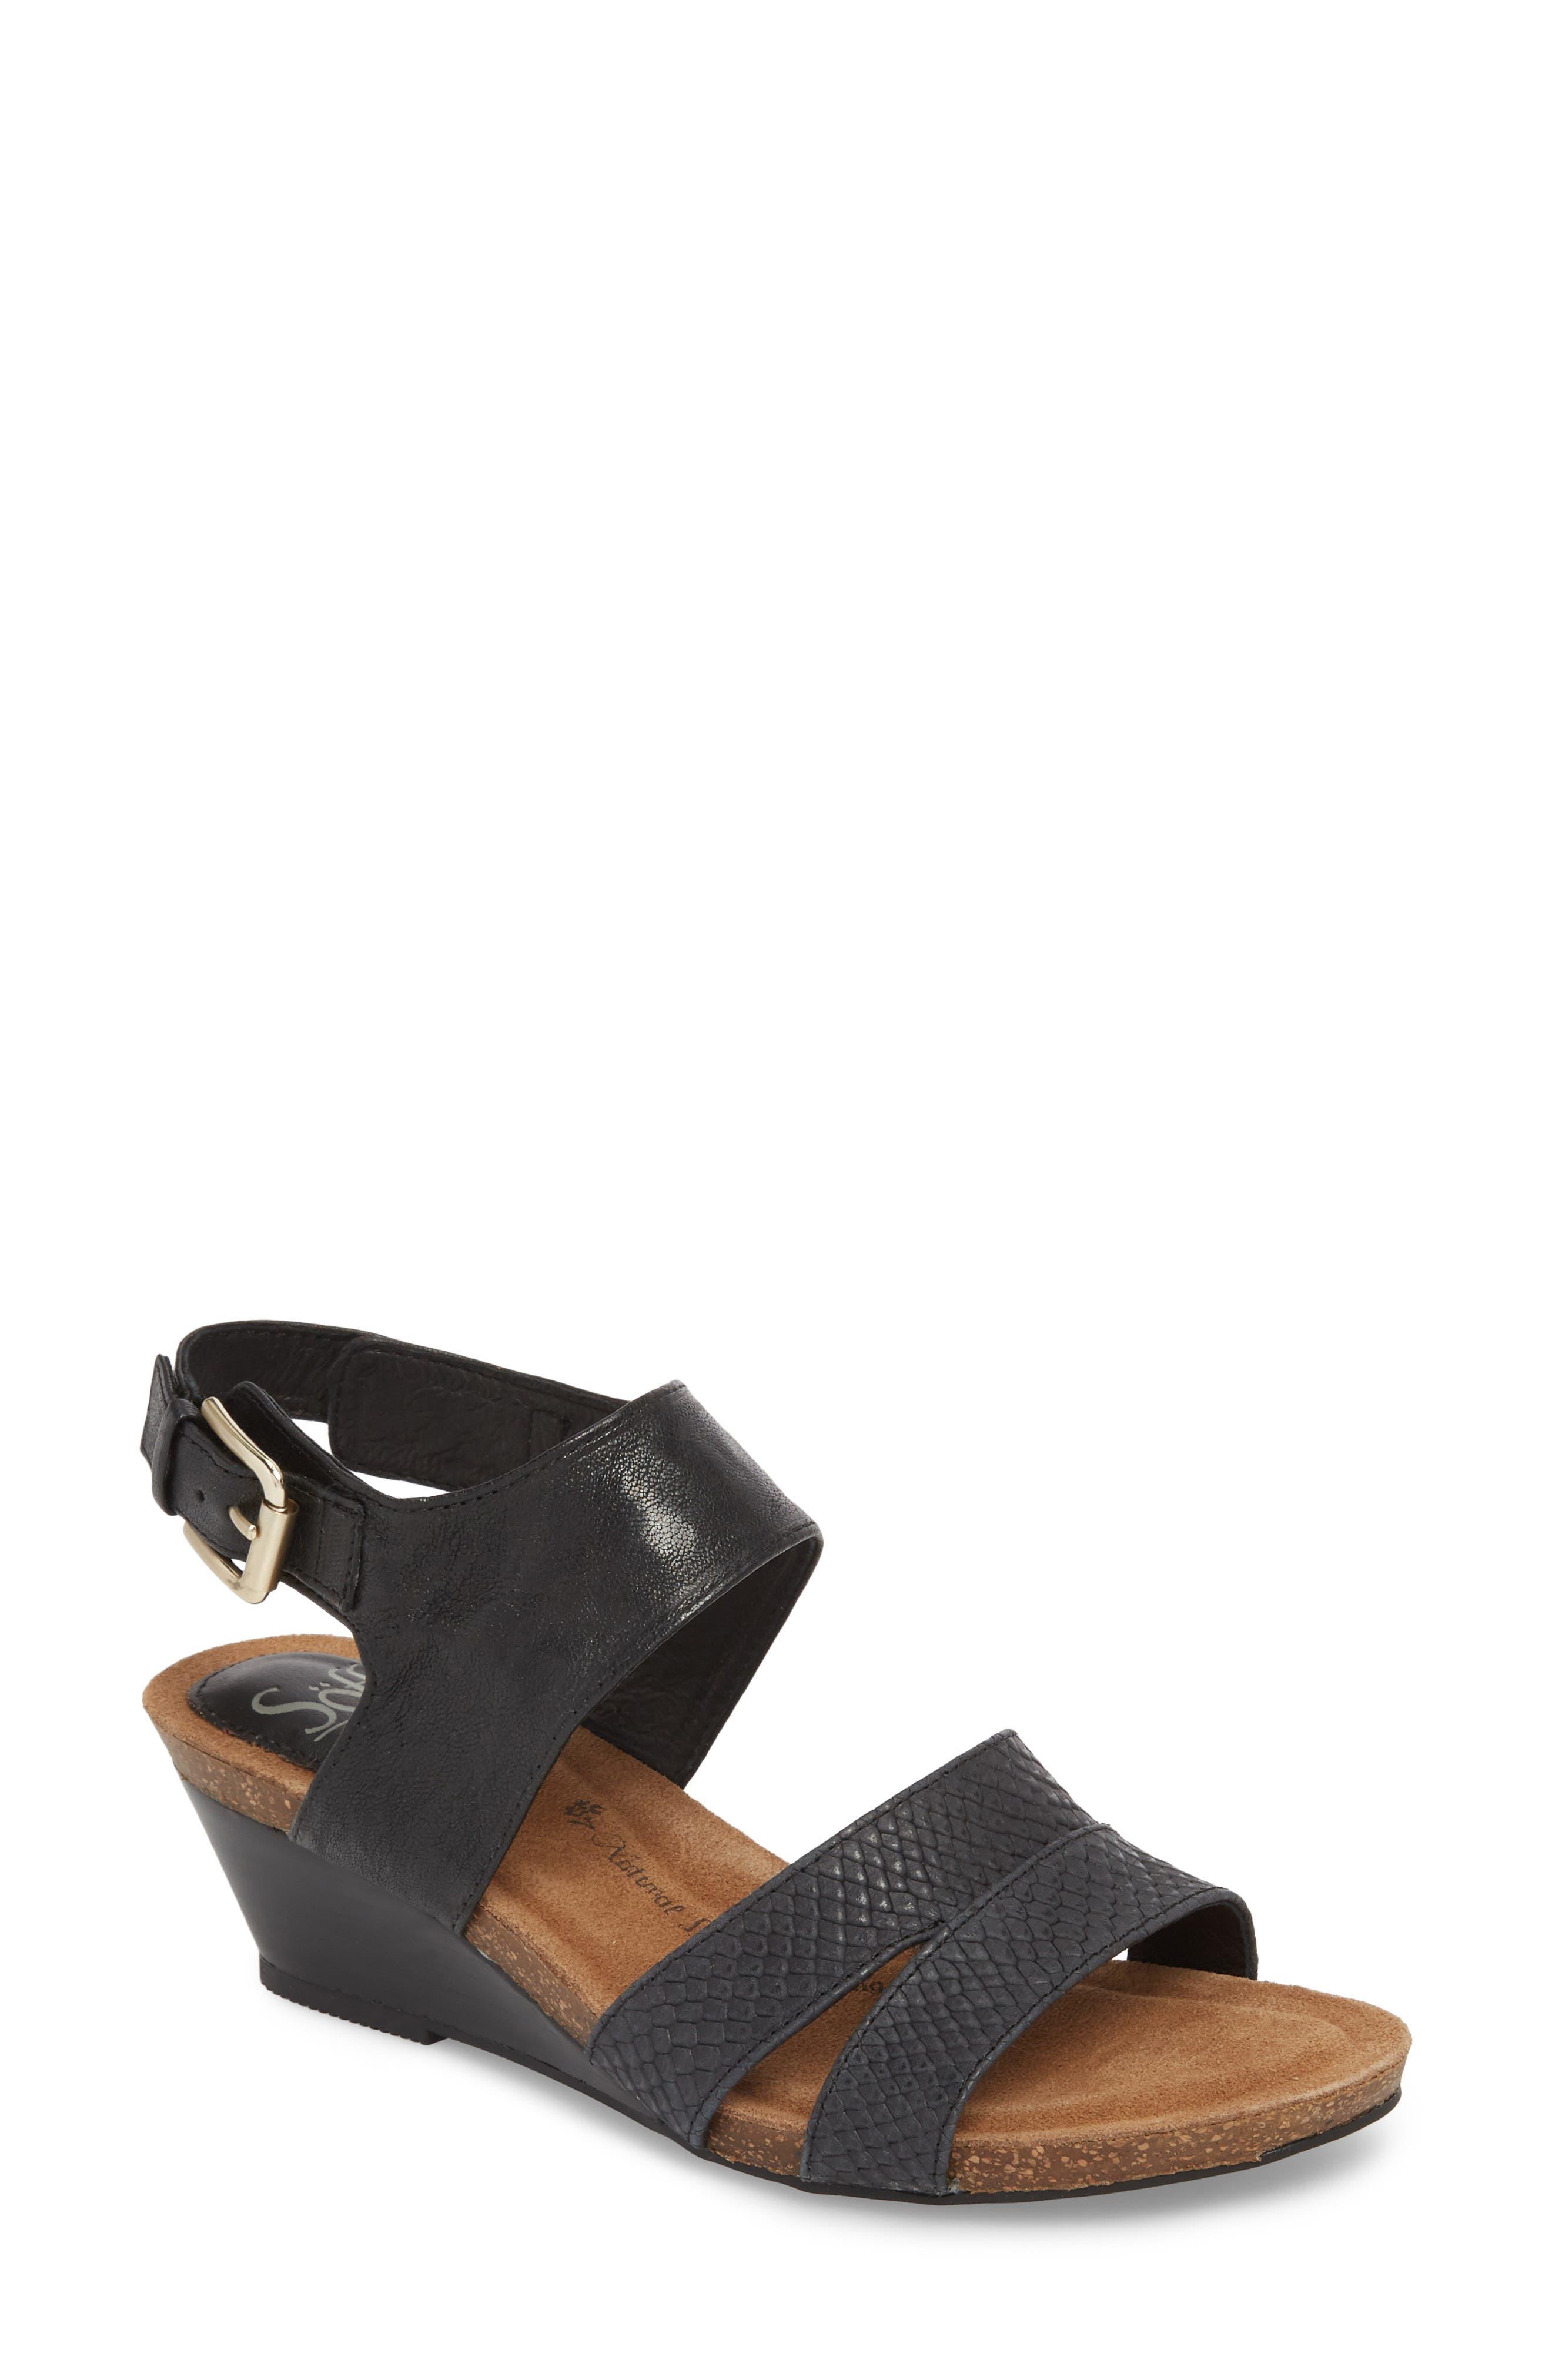 Alternate Image 1 Selected - Söfft Velden Wedge Sandal (Women)